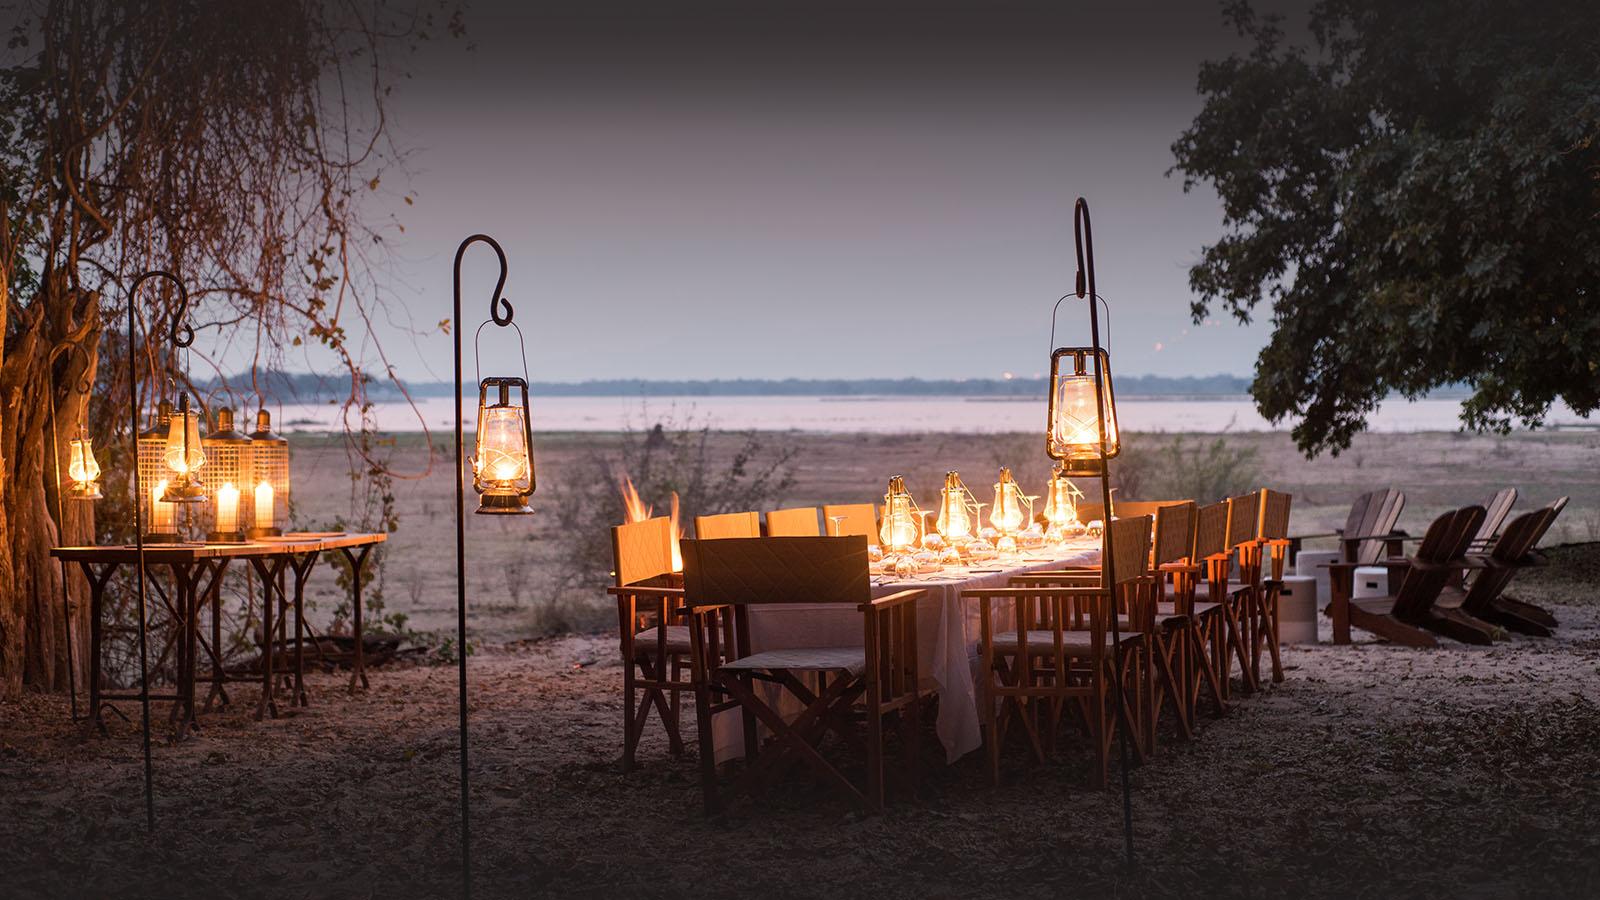 chikwenya camp zimbabwe-lodges-accommodation-zambia-in-style-mana-pools-zambezi-river-wilderness-safaris-dinner